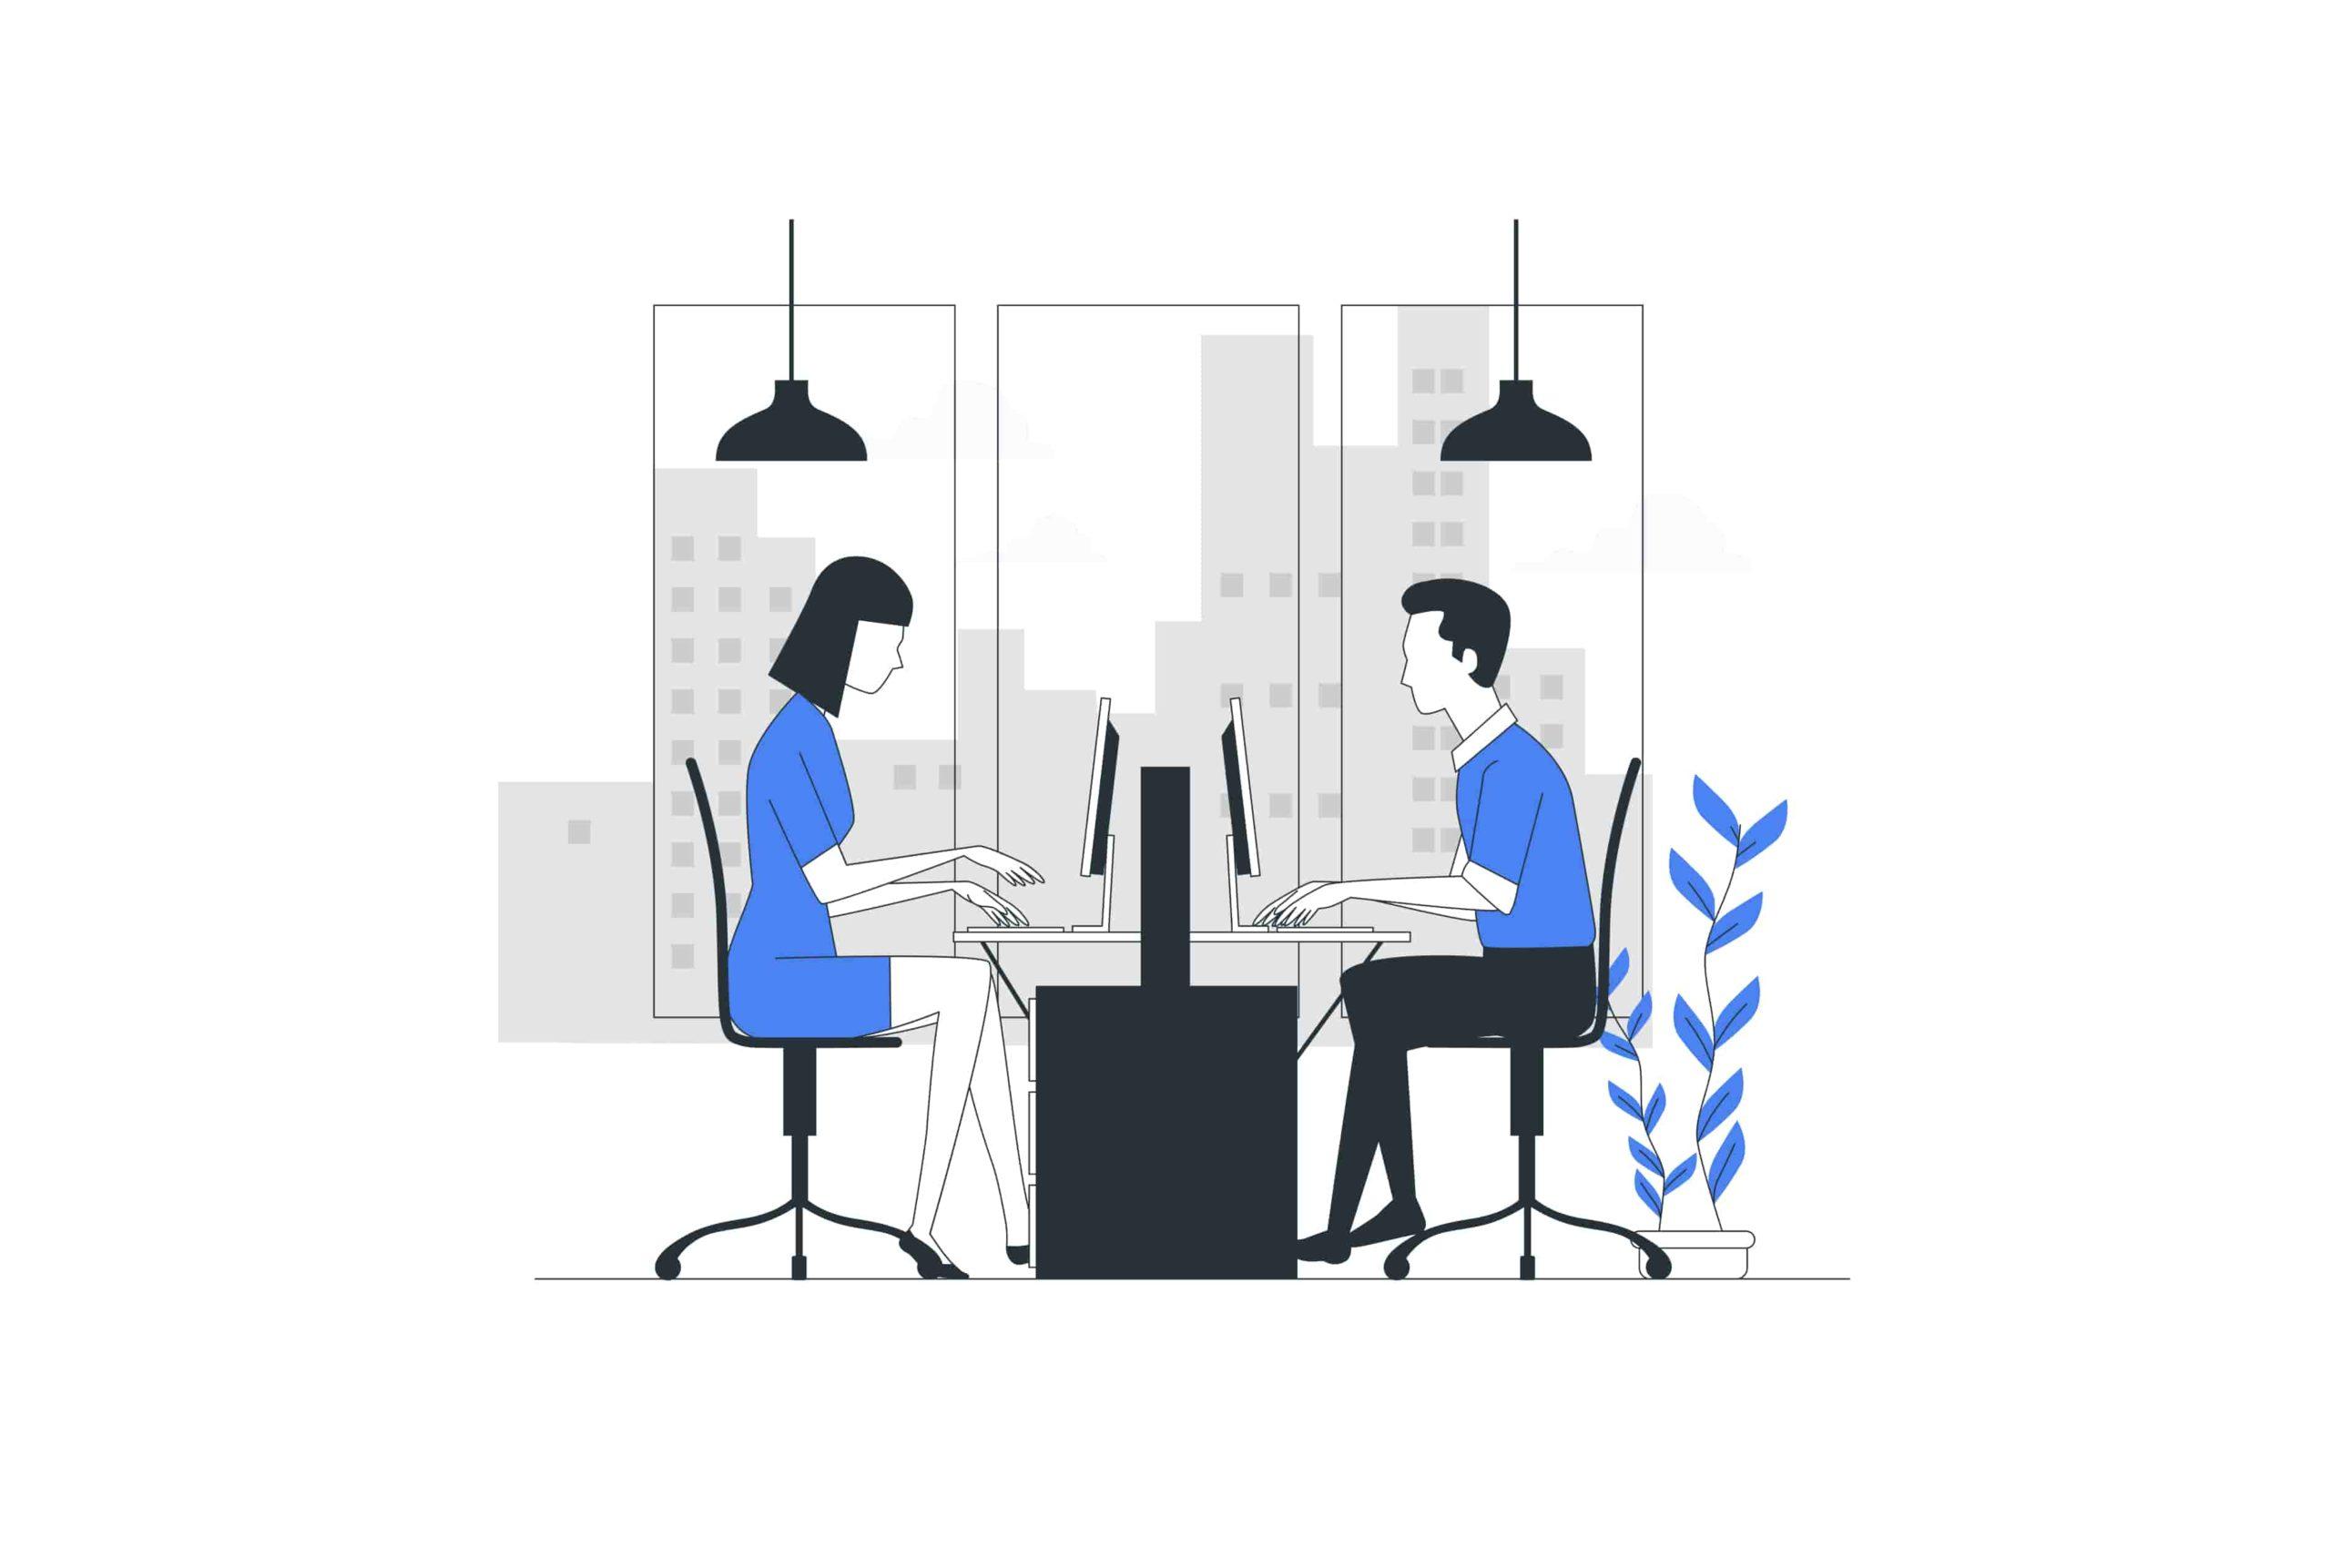 struktur jabatan perusahaan